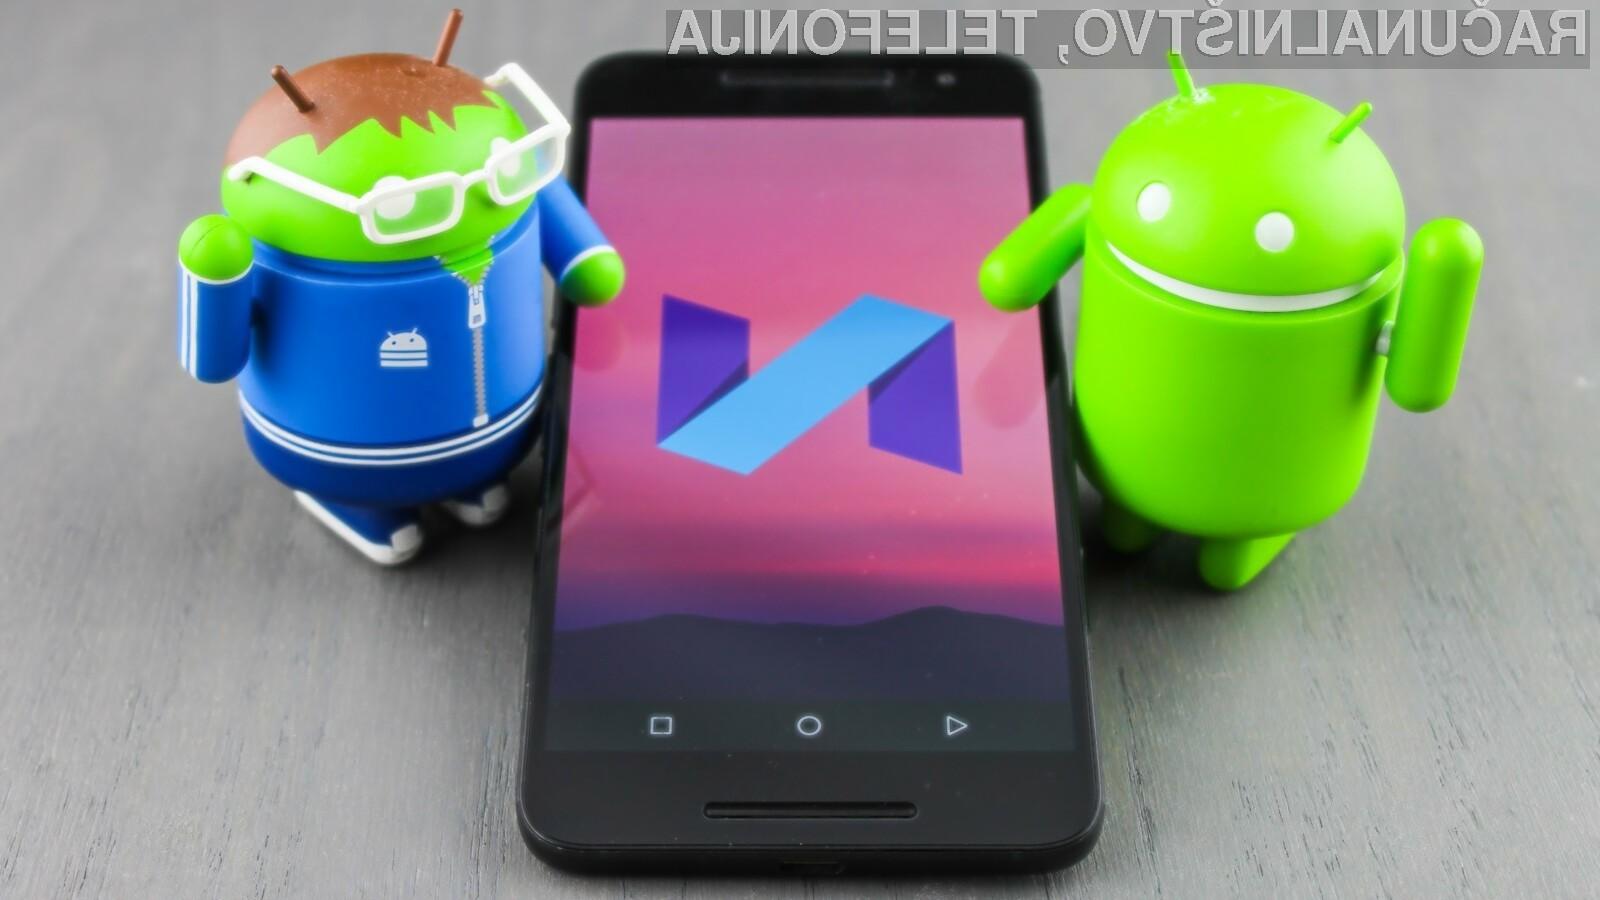 Med operacijskimi sistemi Android po priljubljenosti trenutno vodi Android 7 Nougat!